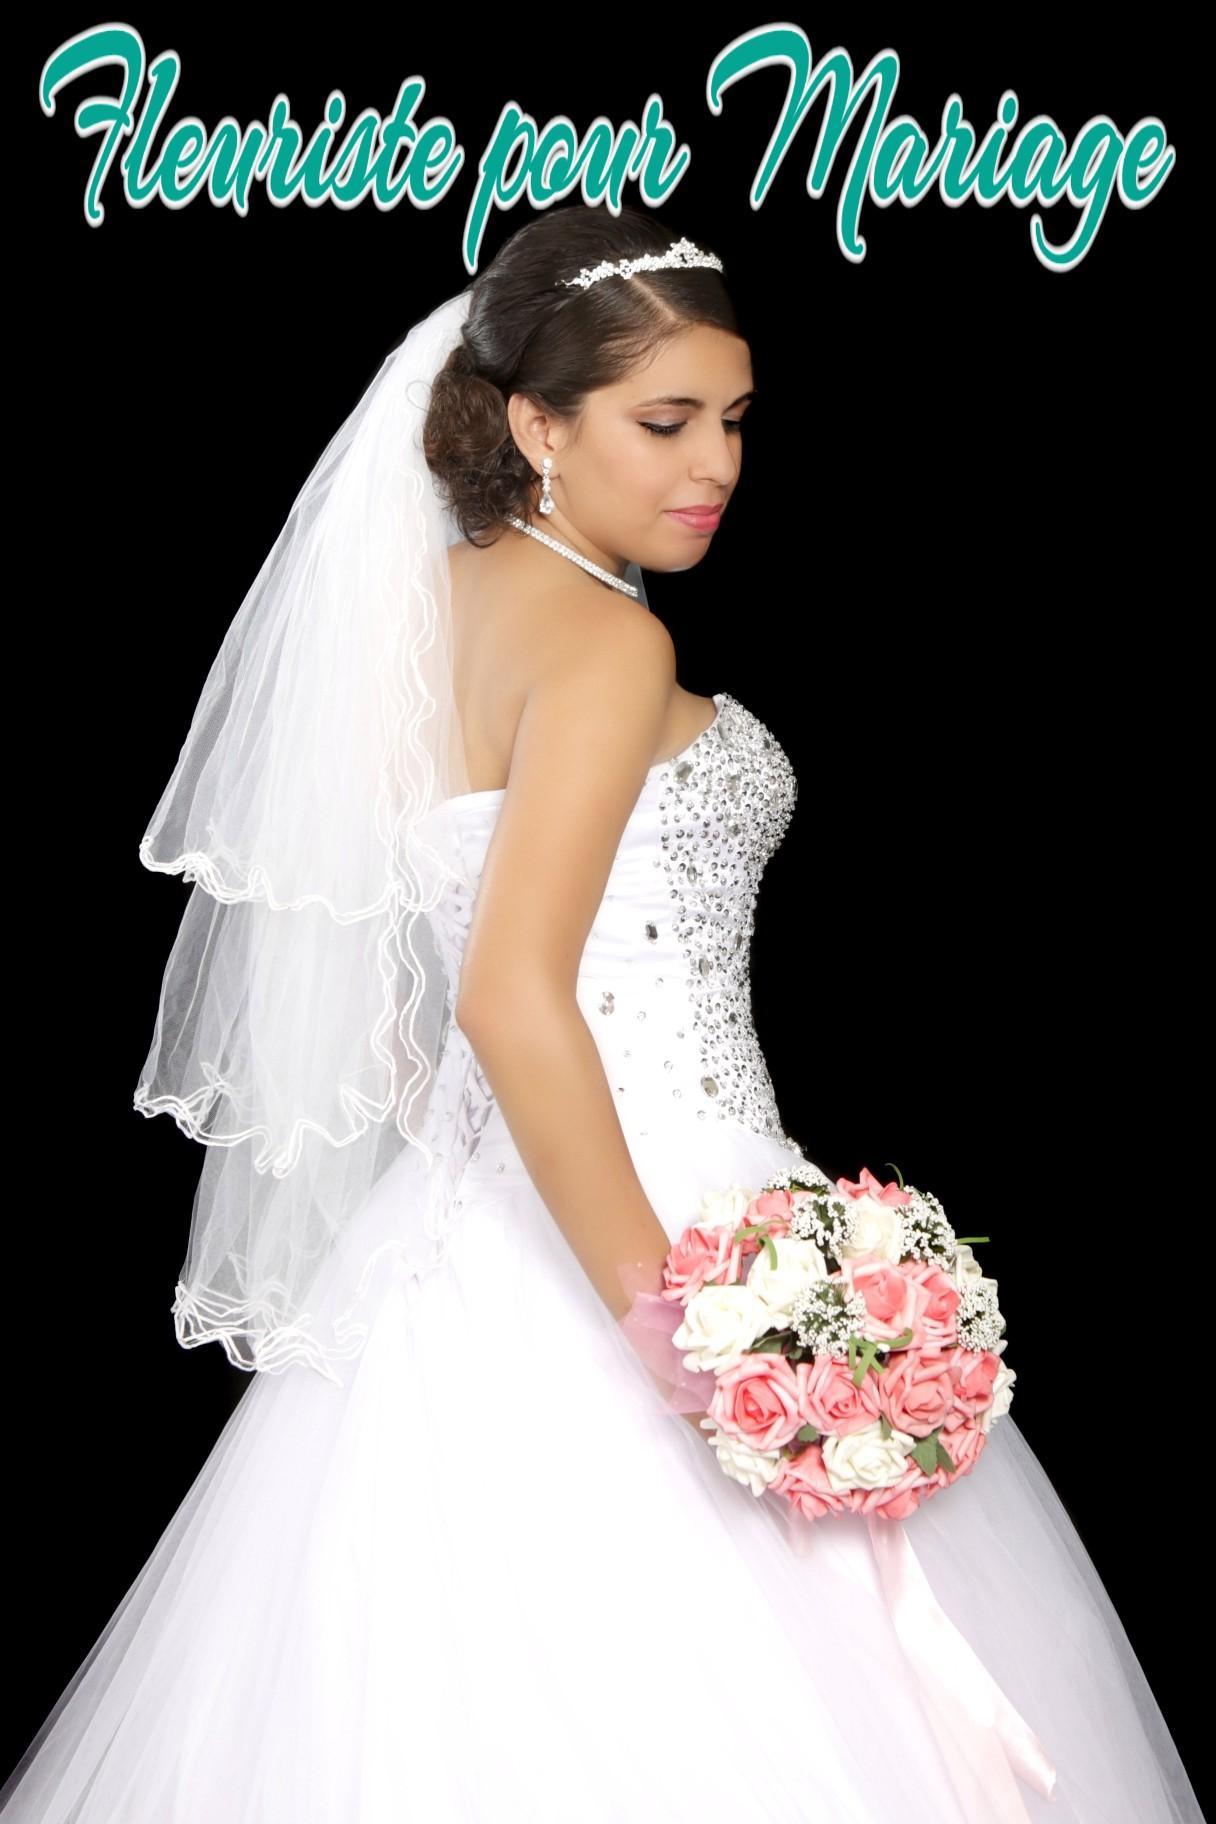 FLEURISTE MARIAGE CANNES - FLEURS POUR MARIAGE A CANNES